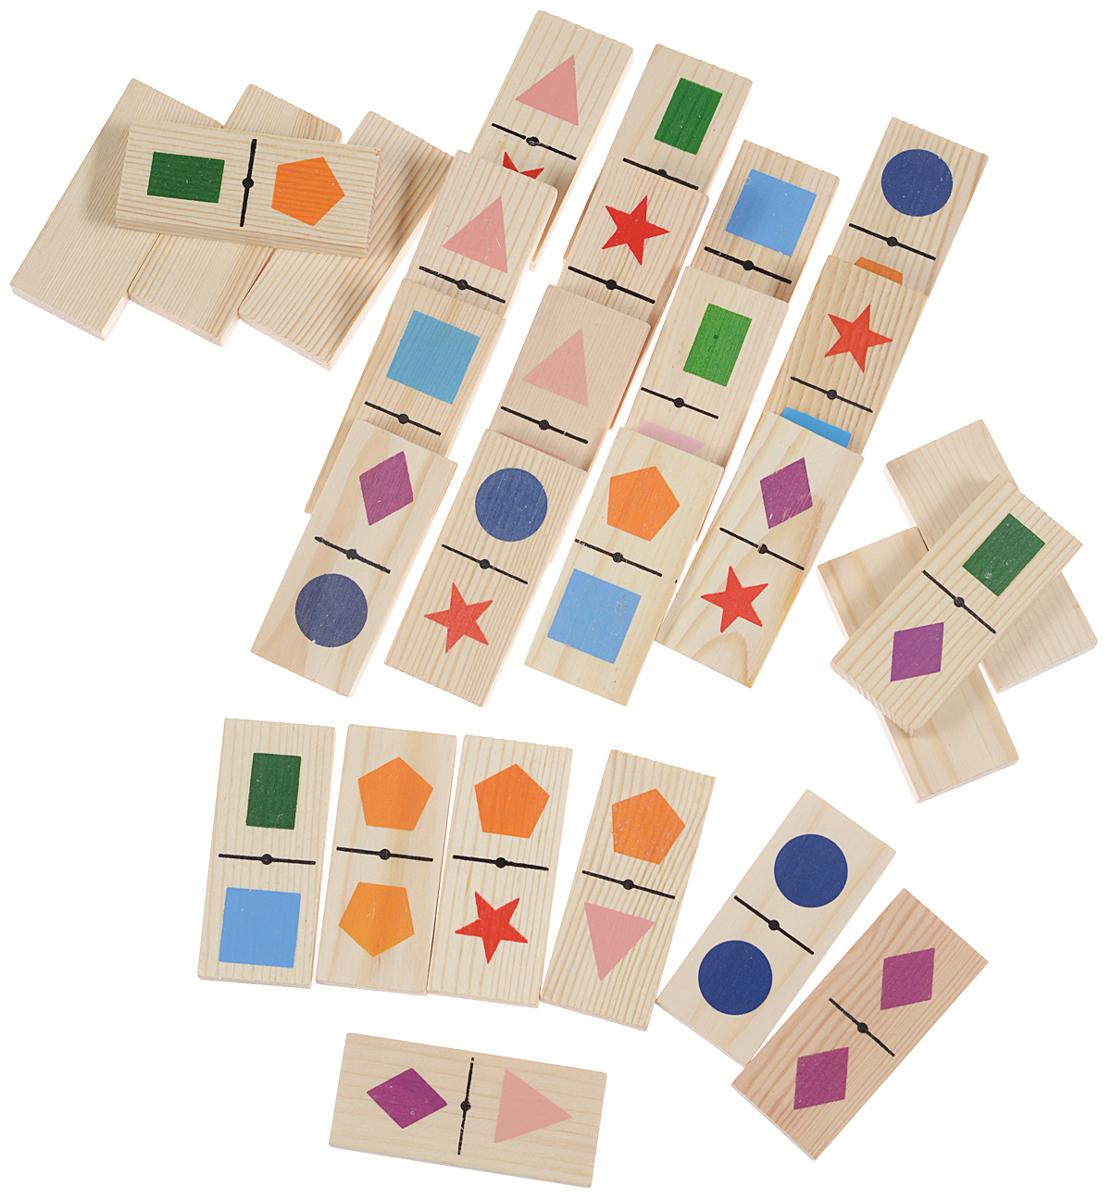 Томик Домино Геометрические фигуры5-1Домино Томик Фрукты-ягоды - это знаменитая игра на основе классических правил. Костяшки домино изготовлены из натурального дерева с изображениями различных видов геометрических фигур. С помощью этого домино вы можете провести большую игру, которая запомнится надолго. Вам понадобится фантазия и немного свободного времени. Поговорите с ребенком, какие он знает фигуры, где он их видел. А в заключении поиграйте в одну из самых увлекательных игр - домино. Игра в домино помогает развитию наглядно- образного мышления, активного словаря, представлений о предметах, памяти, внимания, величины и формы.